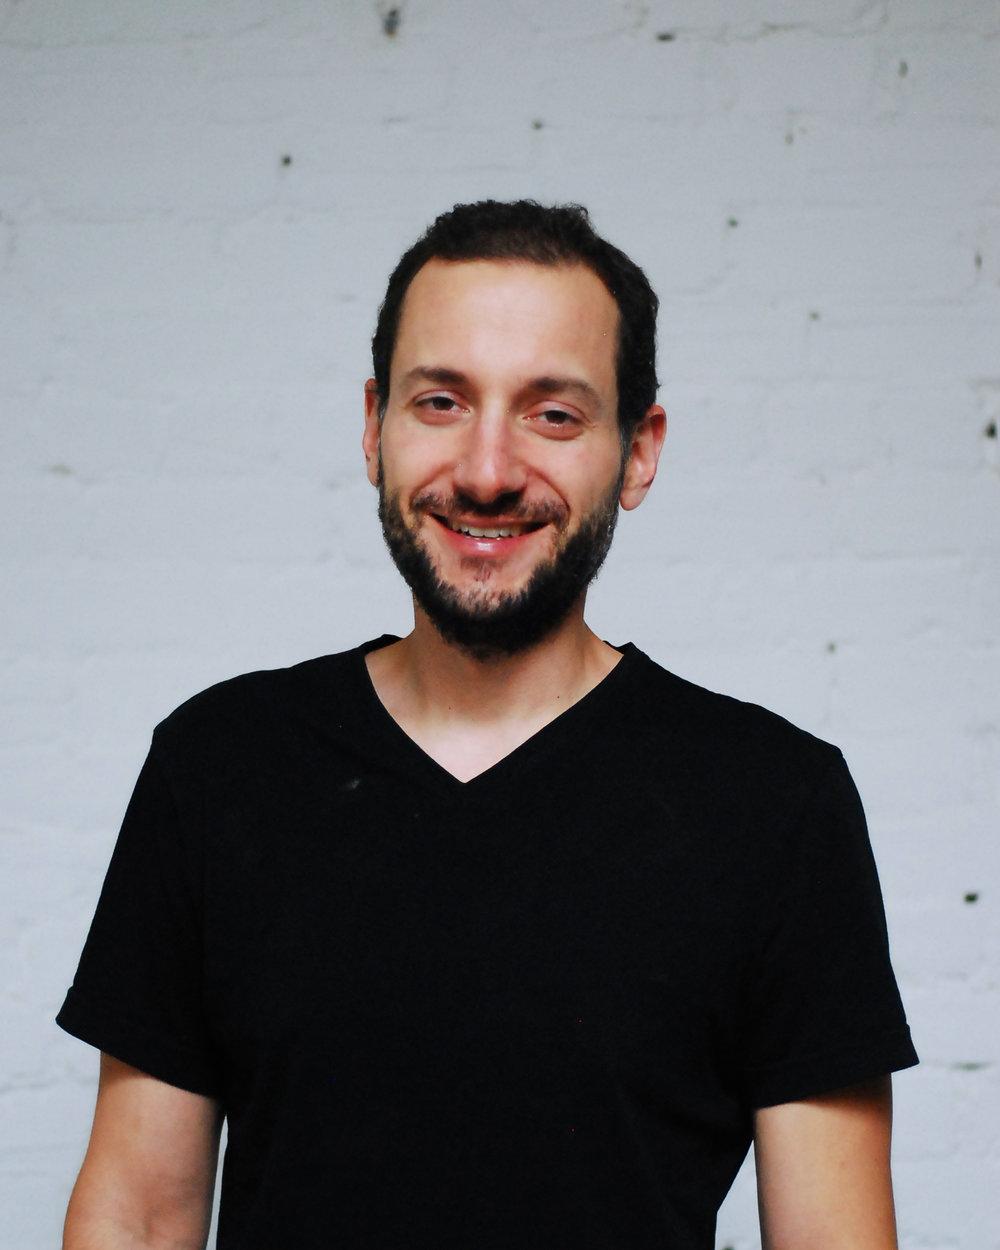 Michael Whitehouse - Co-Fondateur et directeur des opérations